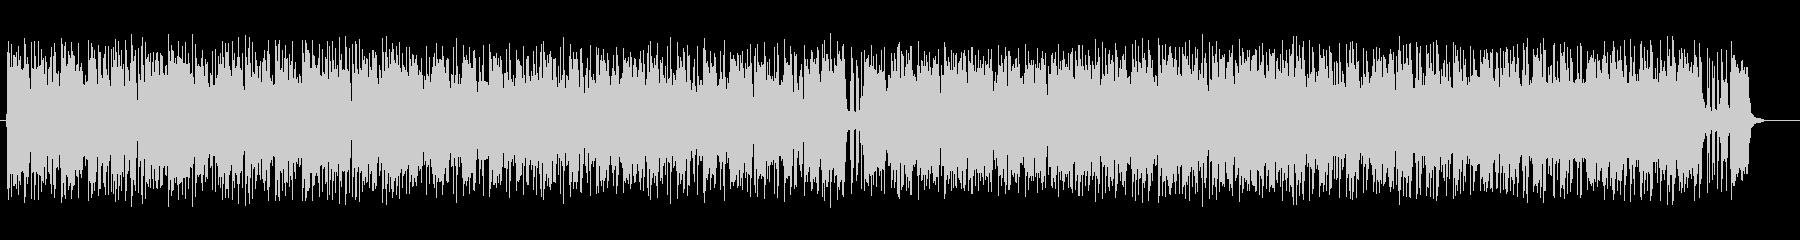 明るく涼しげなシンセサイザーサウンドの未再生の波形